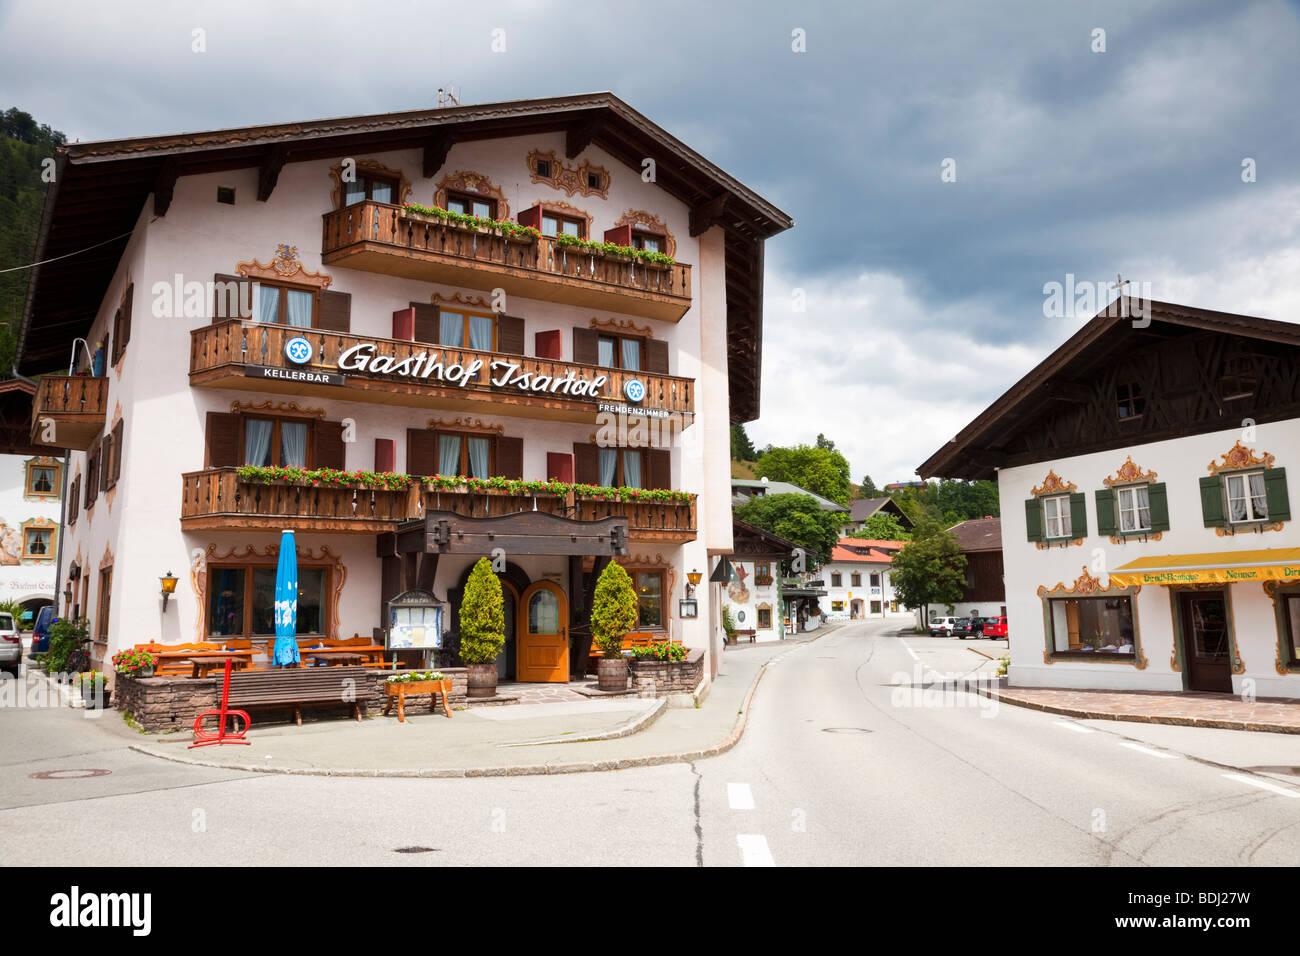 Eingerichtete Pension in Wallgau, Bayerische Alpen, Deutschland, Europa Stockbild